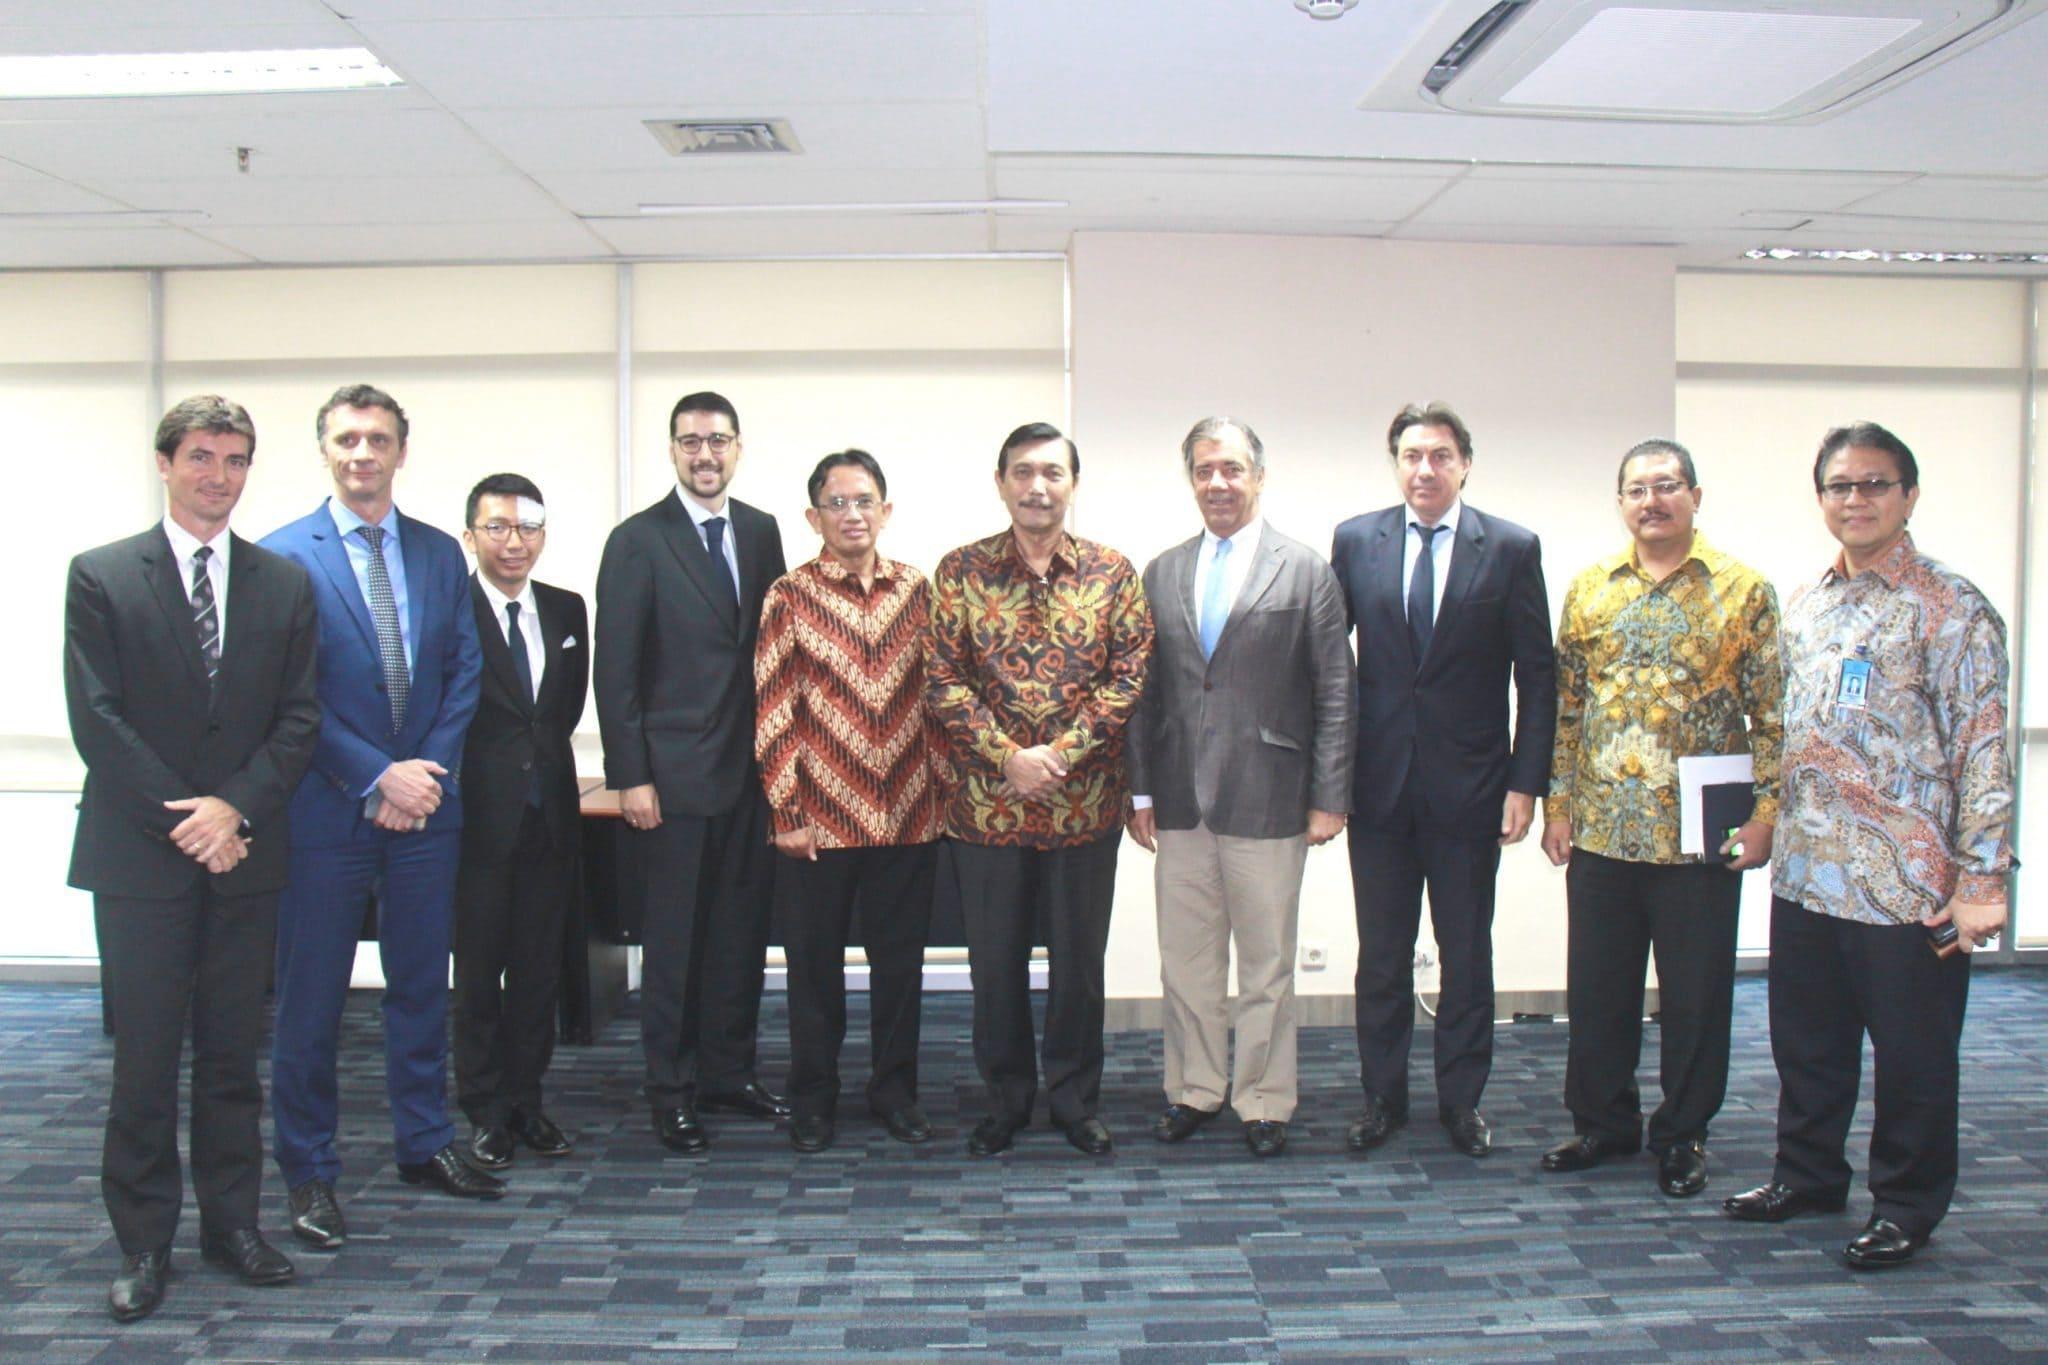 Menko Luhut B. Pandjaitan Menerima Kunjungan Airbus Group Indonesia